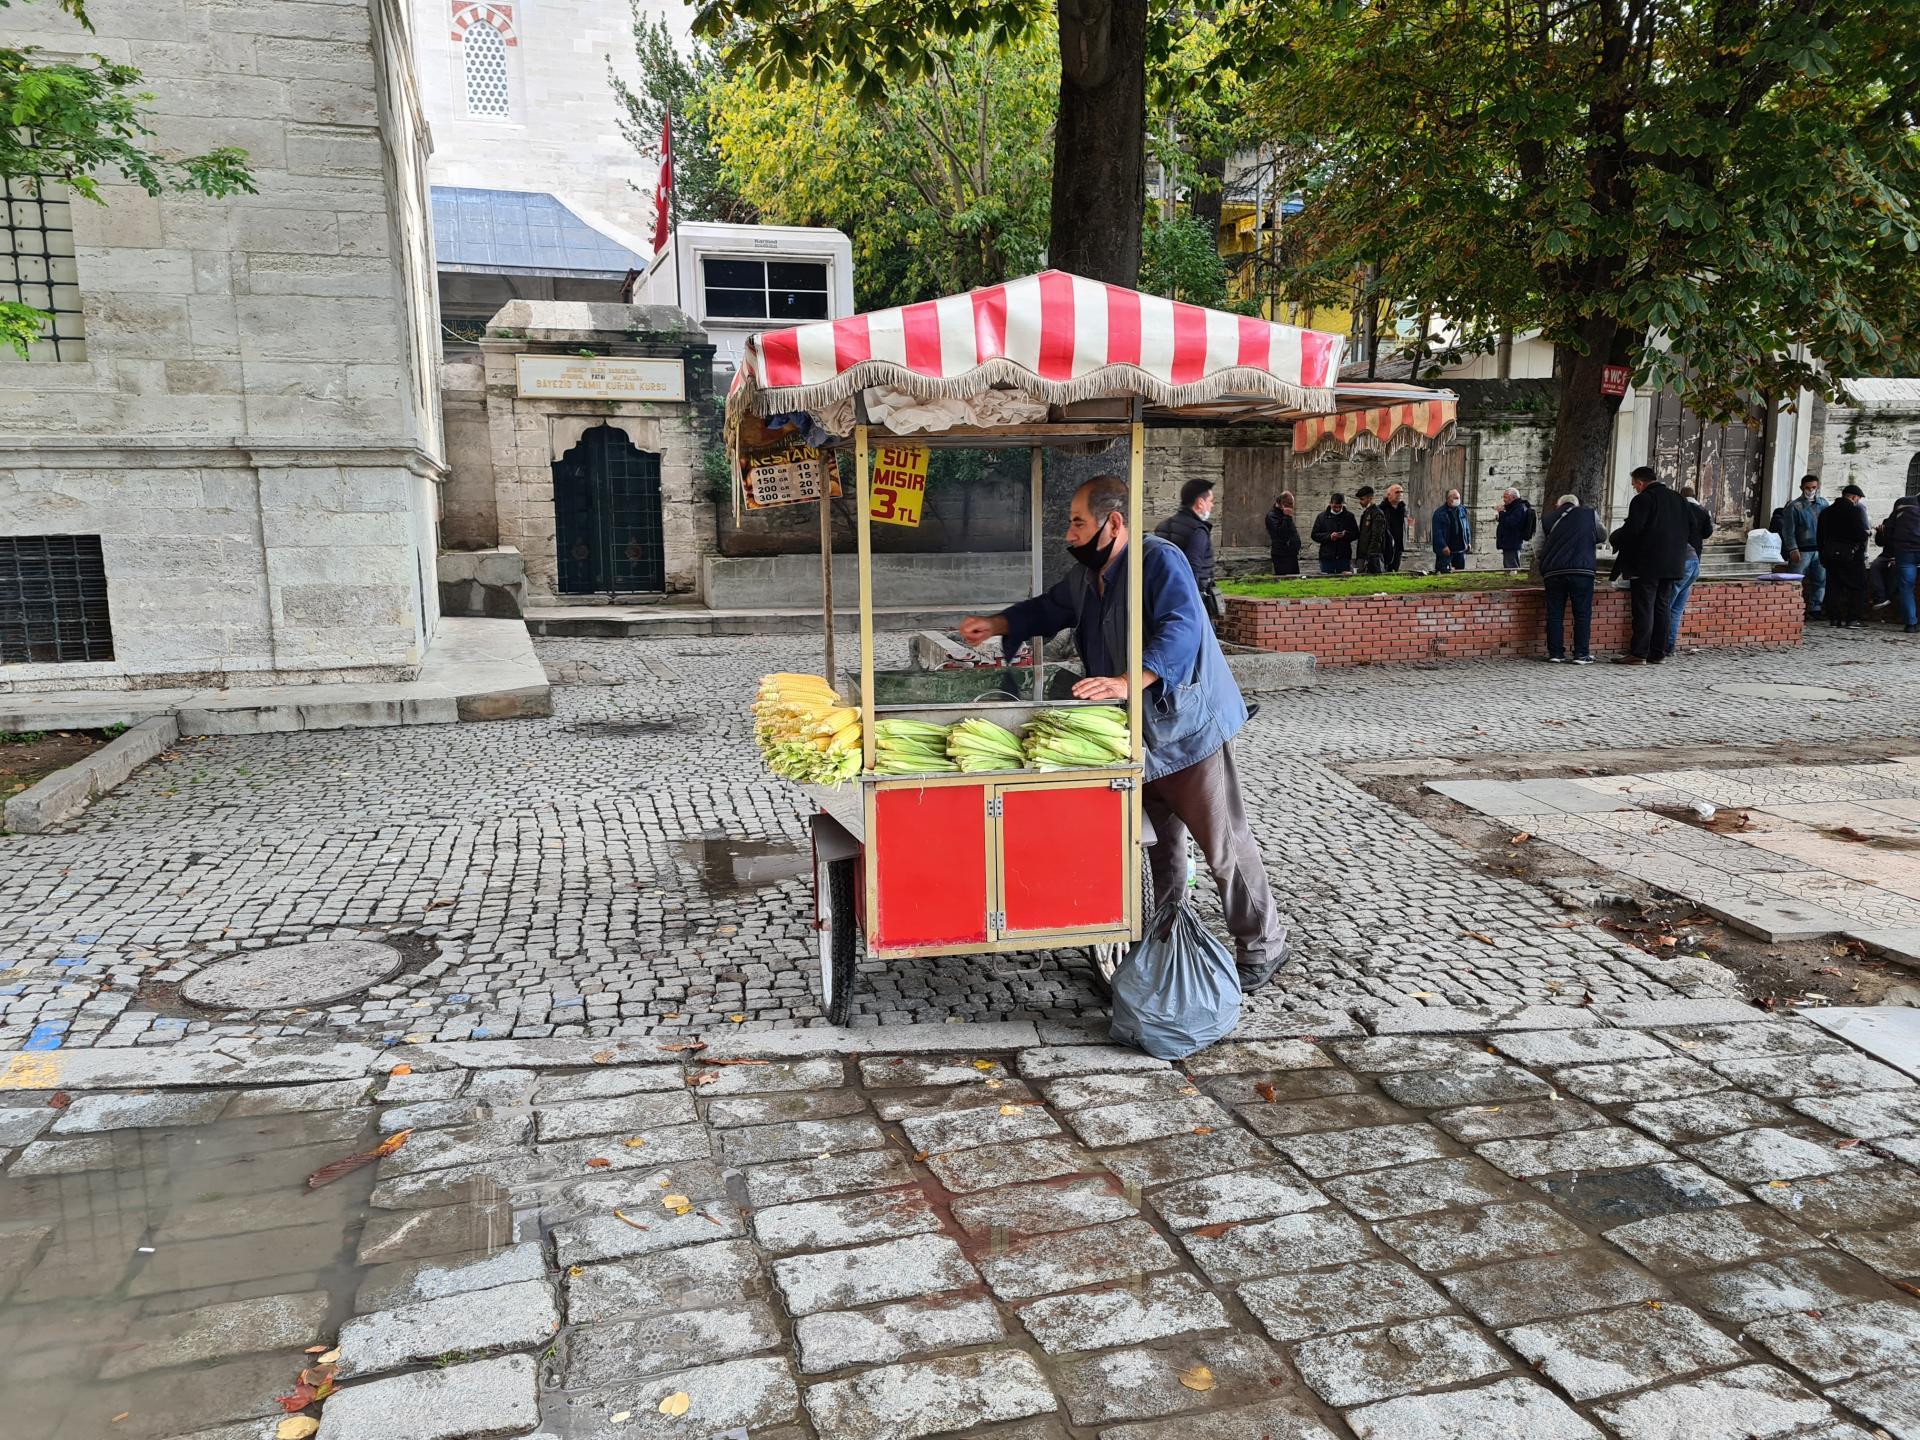 торговец кукурузой в Стамбуле